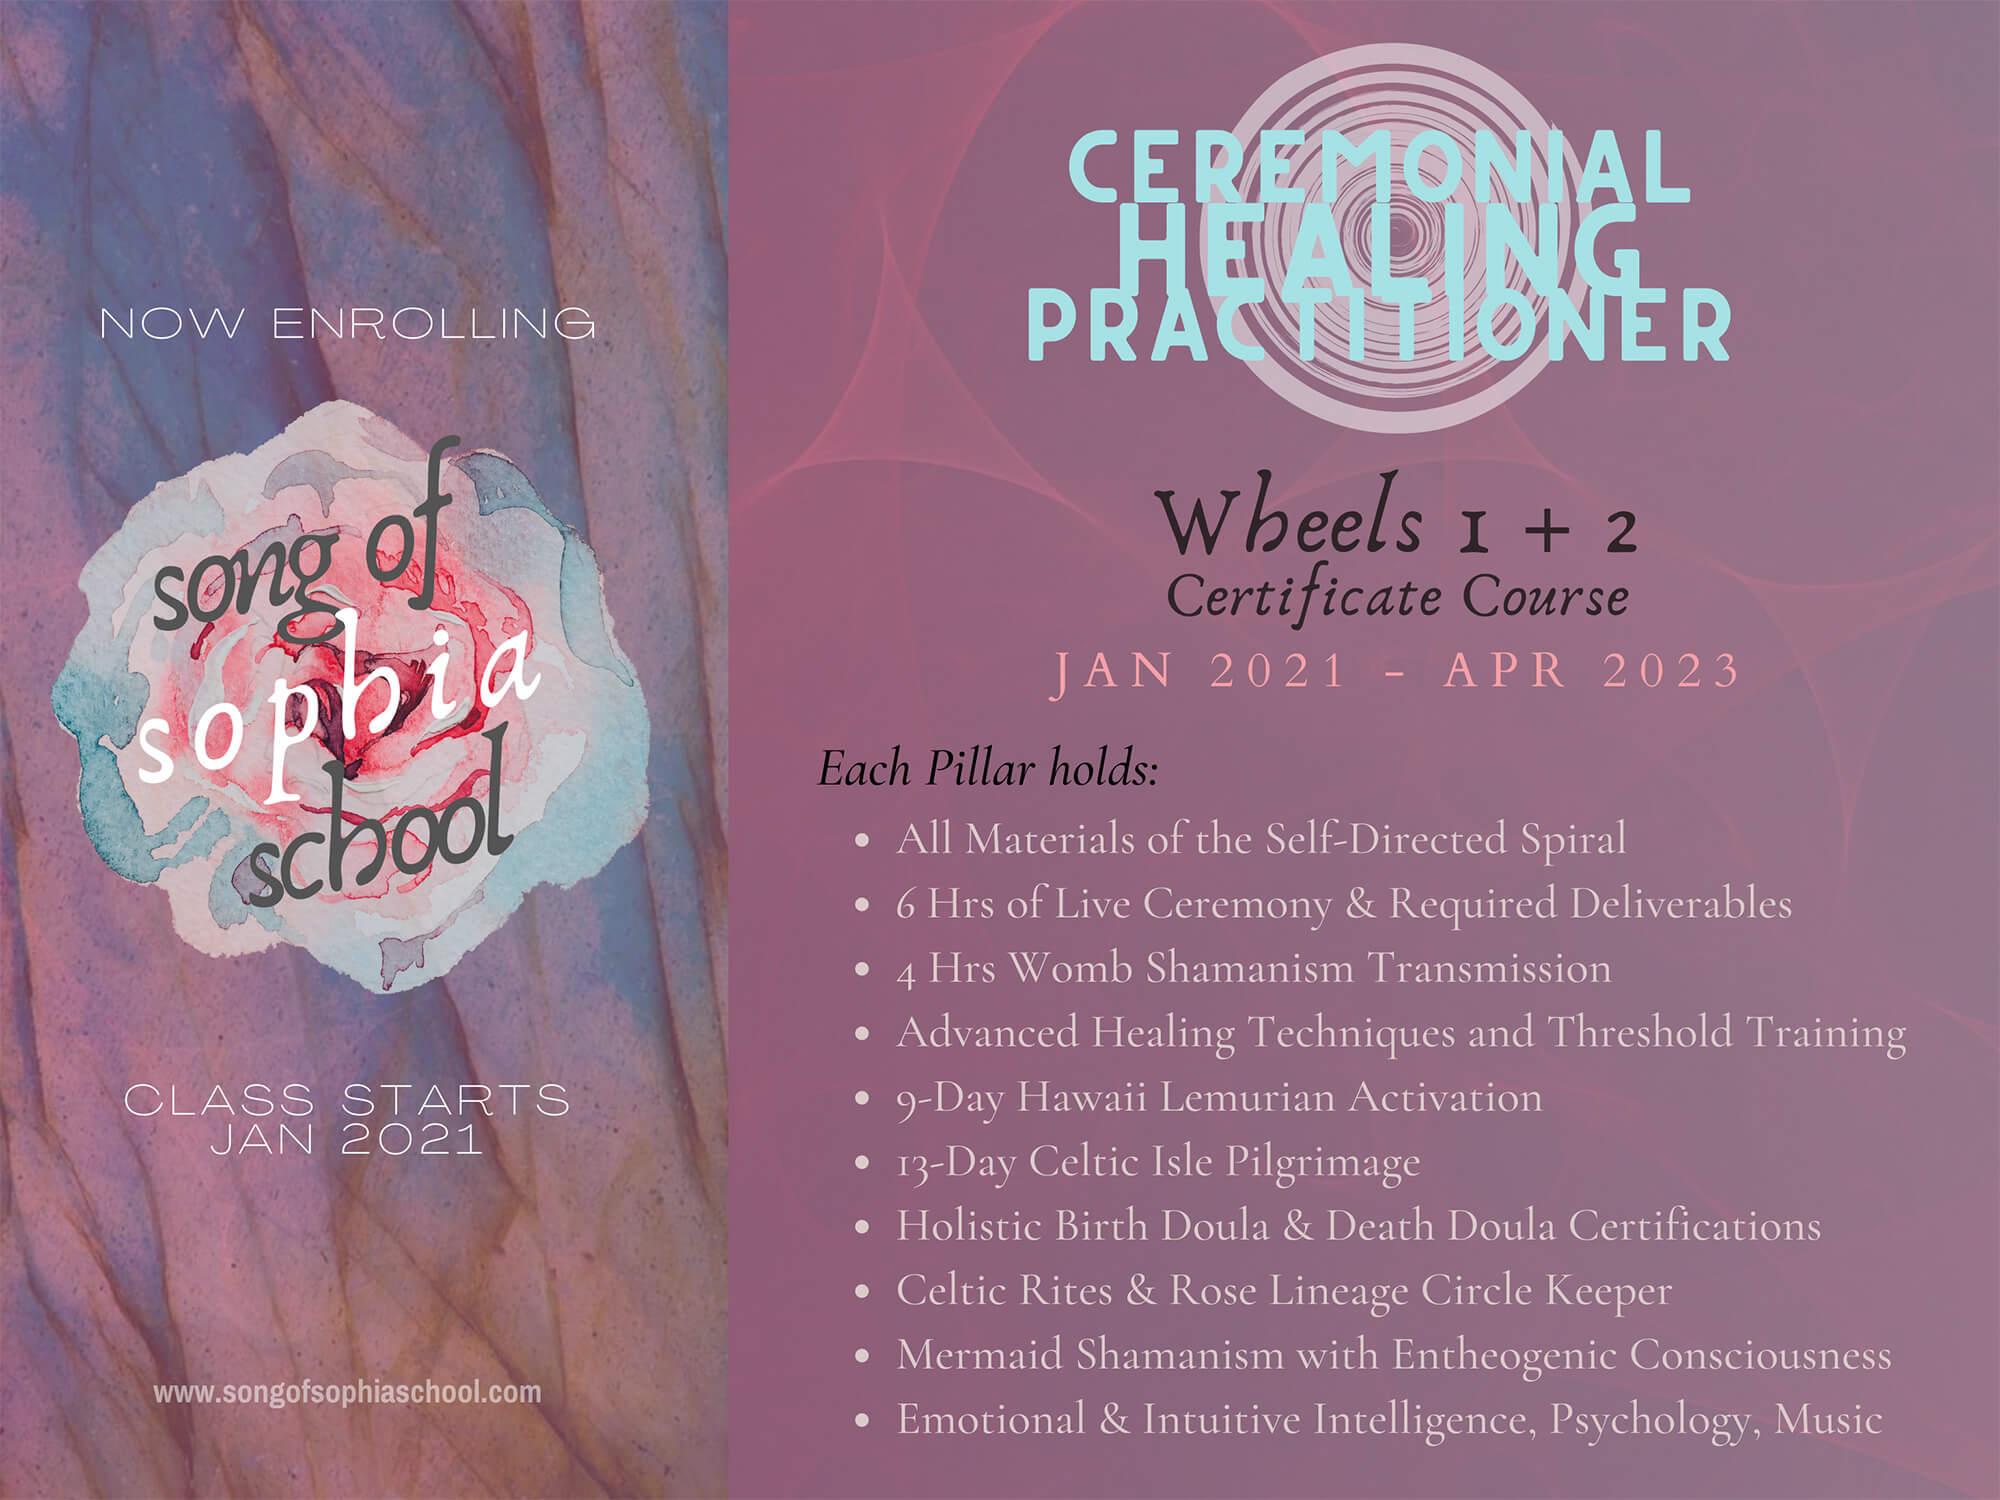 Ceremonial Healing practitioner